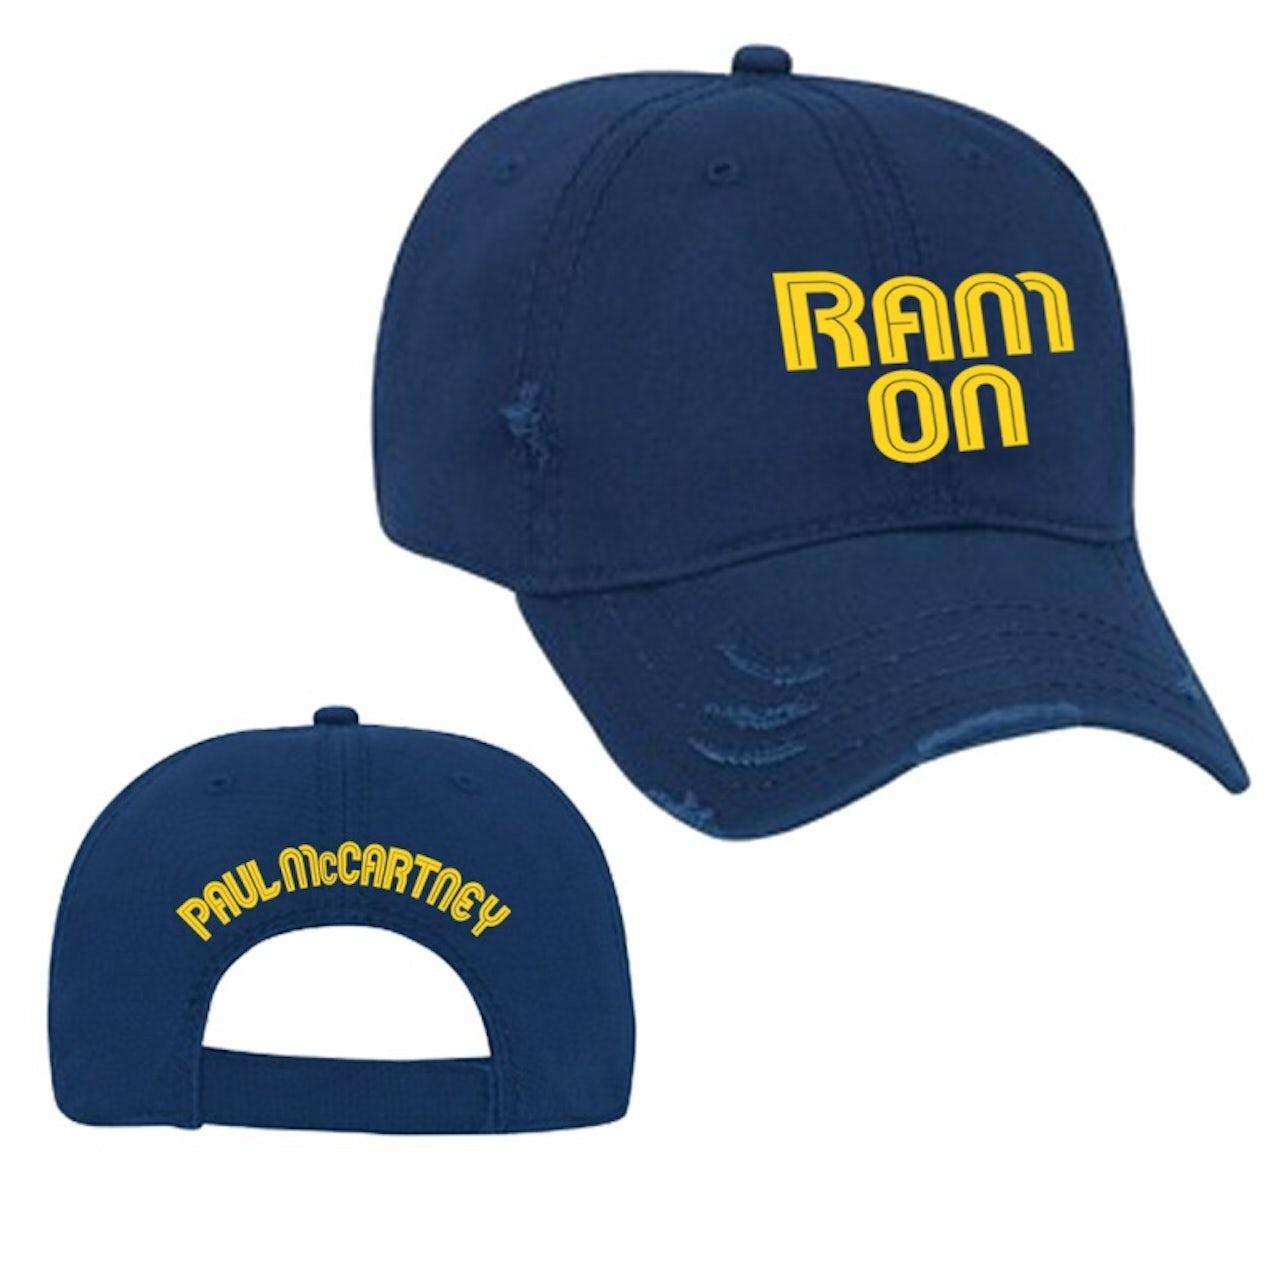 Paul McCartney Ram On Hat